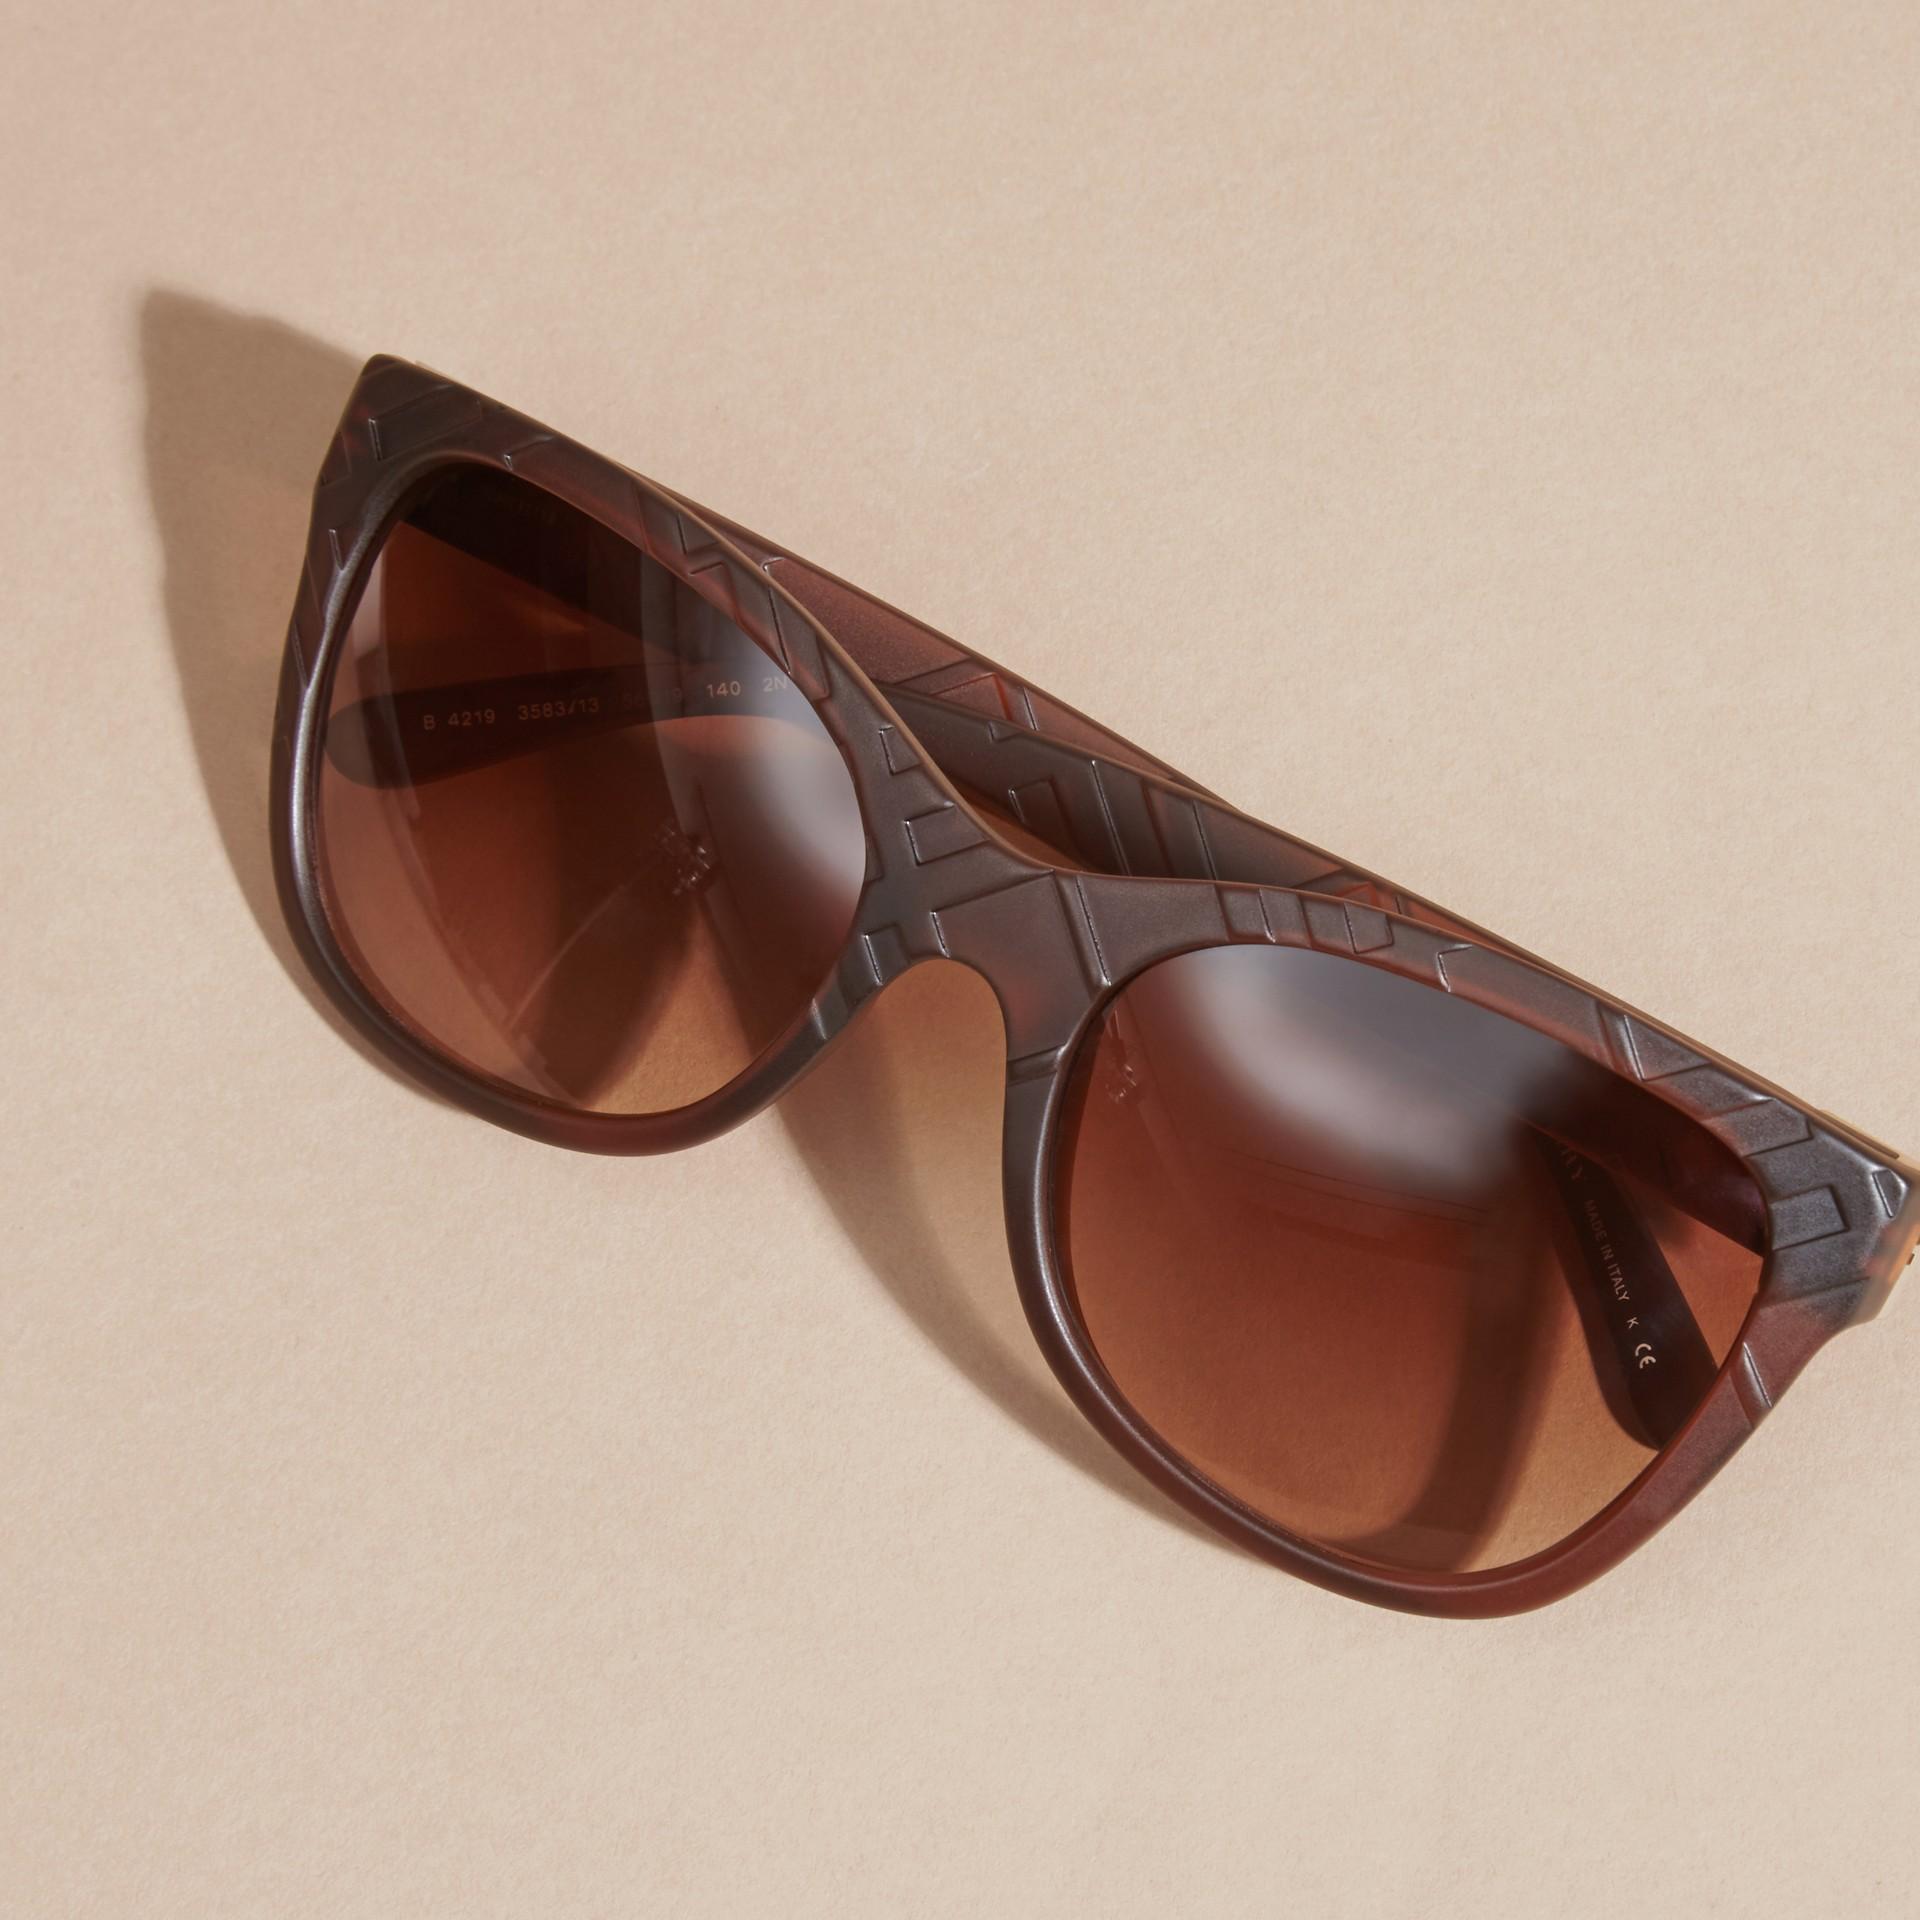 Marrone Occhiali da sole con montatura squadrata e motivo check tridimensionale Marrone - immagine della galleria 5